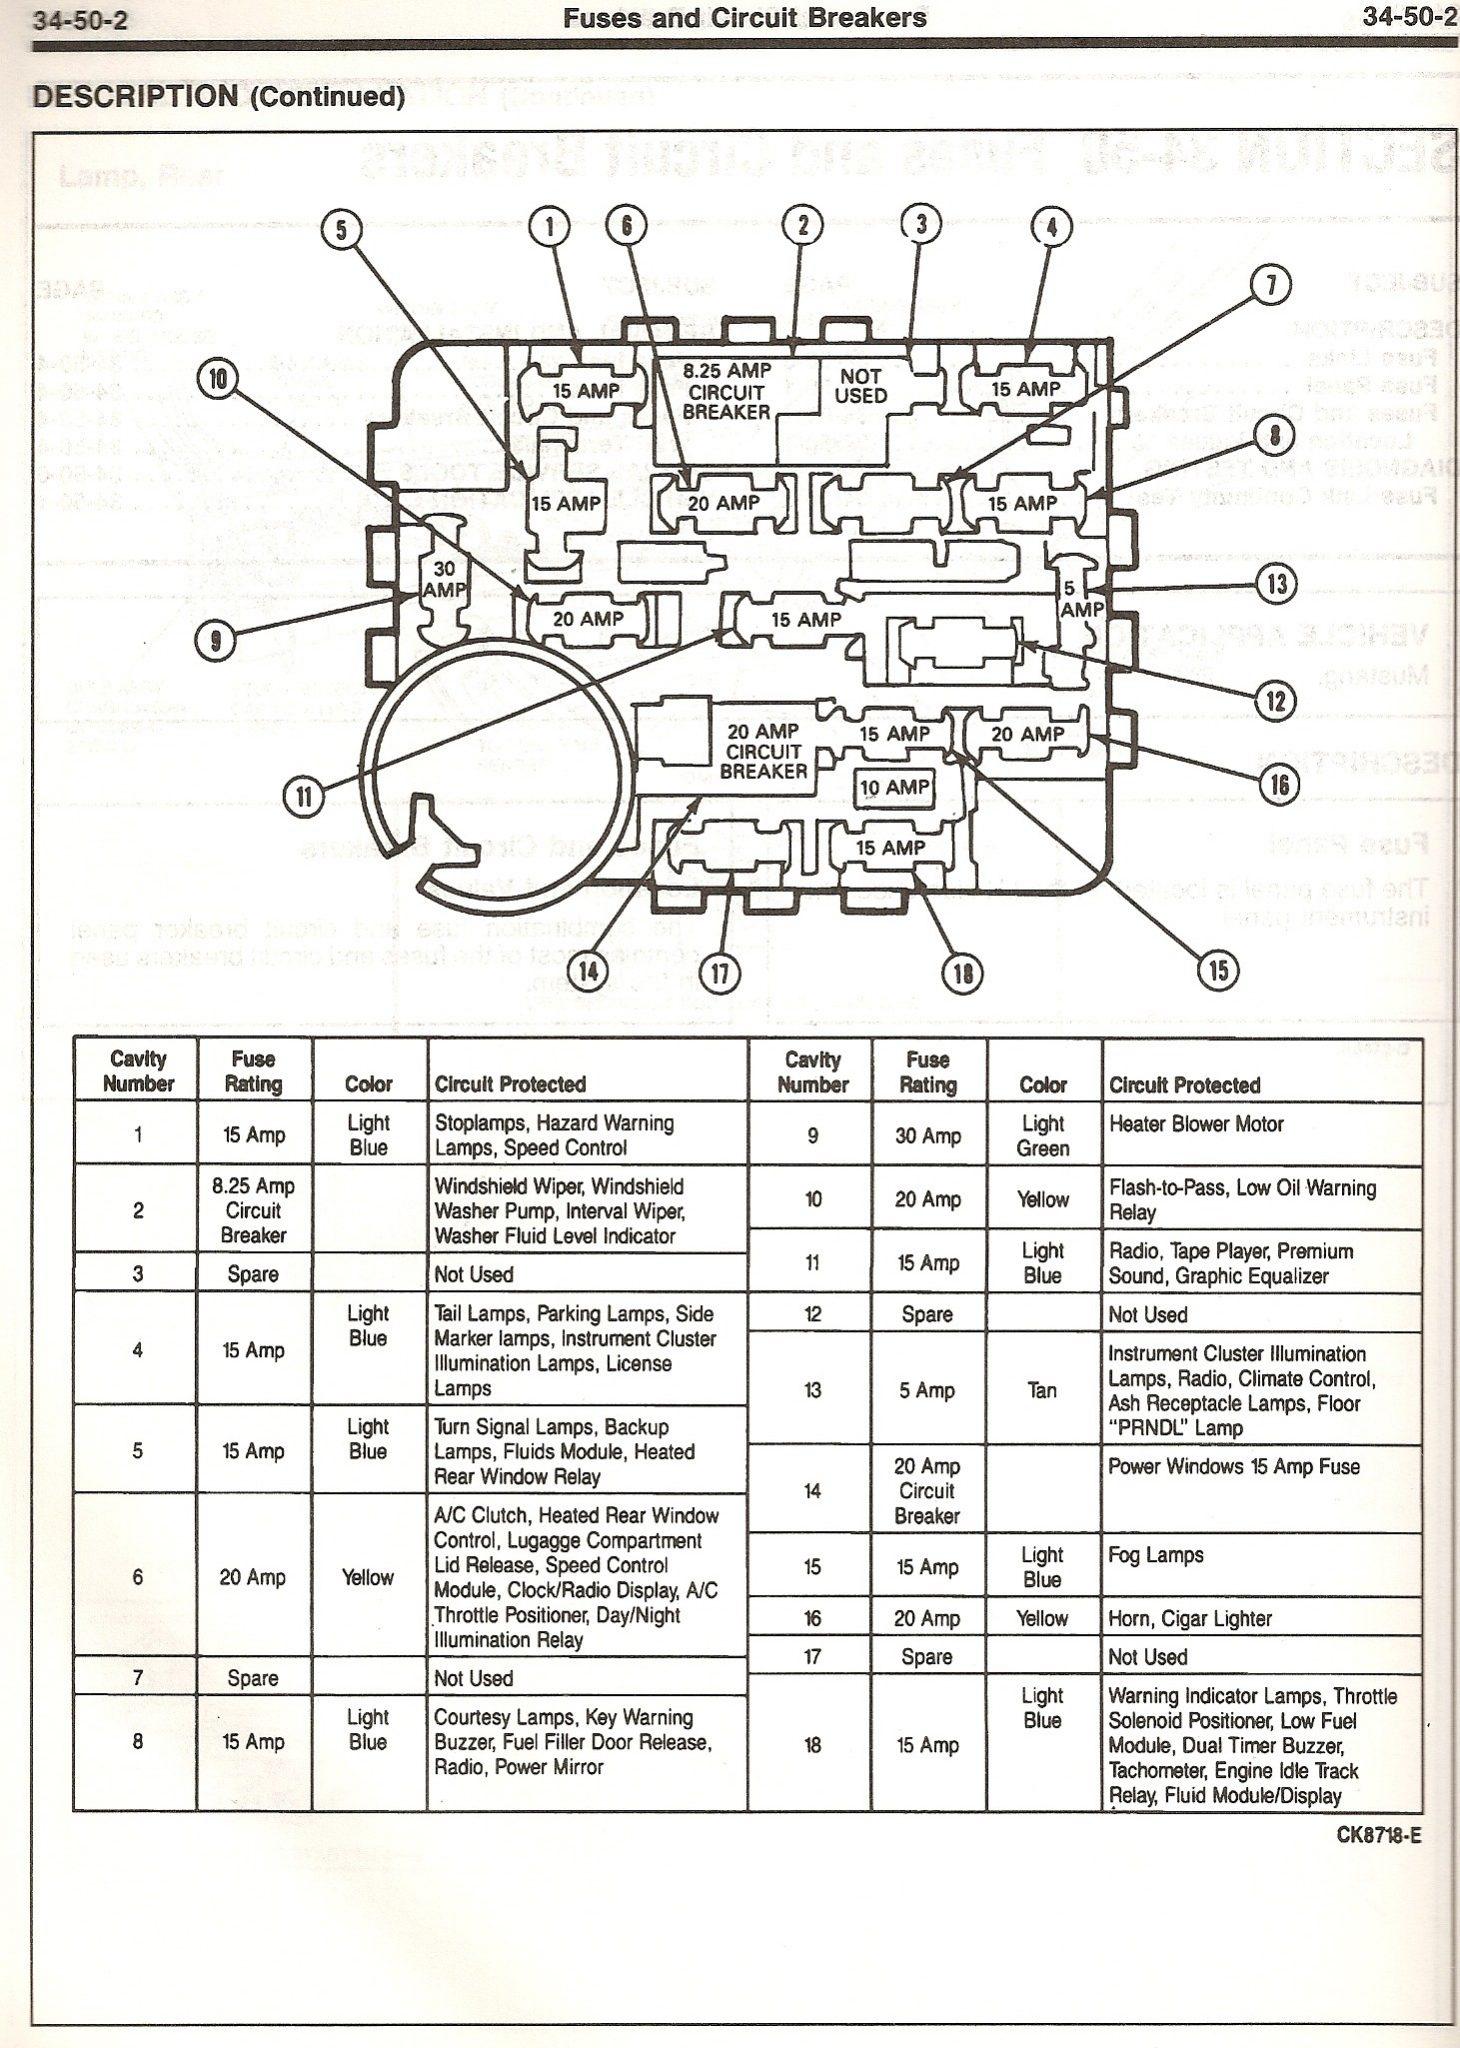 93 F 150 Fuse Box Enthusiast Wiring Diagrams \u2022 93 Ford F150 Fuse Box Diagram  1993 Ford F150 Fuse Box Layout